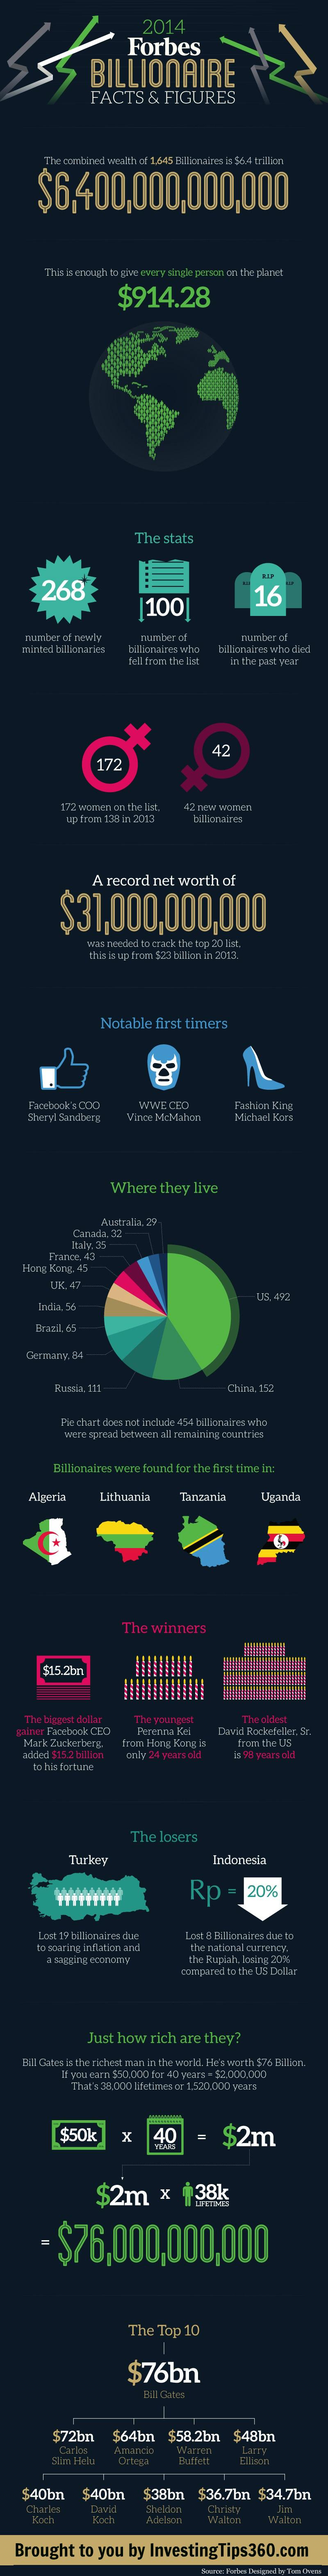 Facts-About-Billionaires